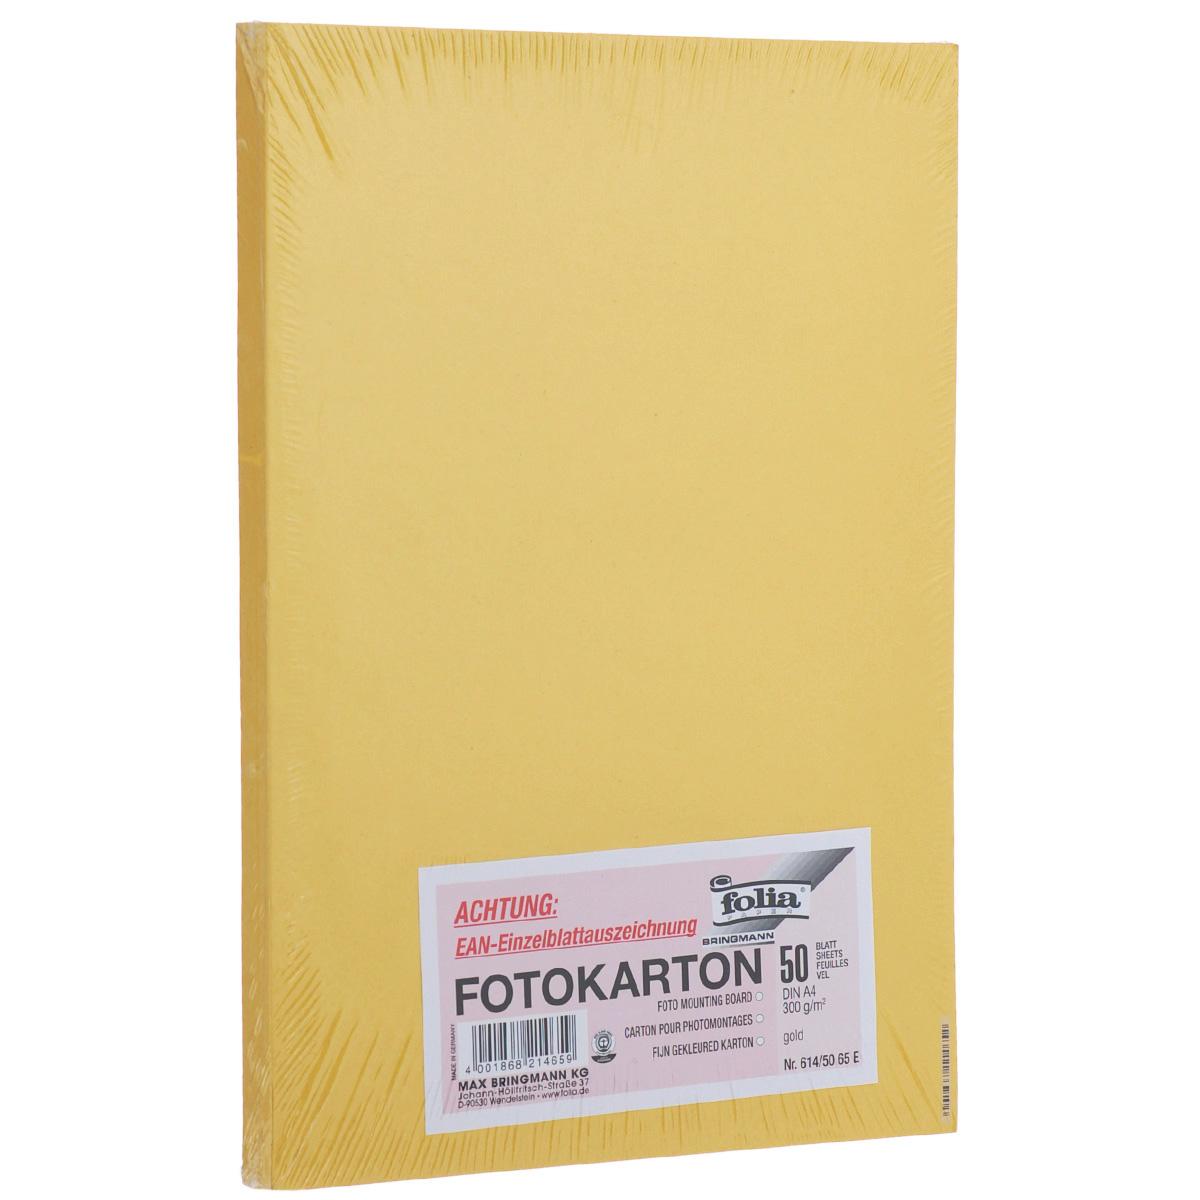 Фотокартон Folia - это цветной плотный картон. Используется для изготовления открыток, пригласительных, для скрапбукинга, для изготовления паспарту и других декоративных или дизайнерских работ.